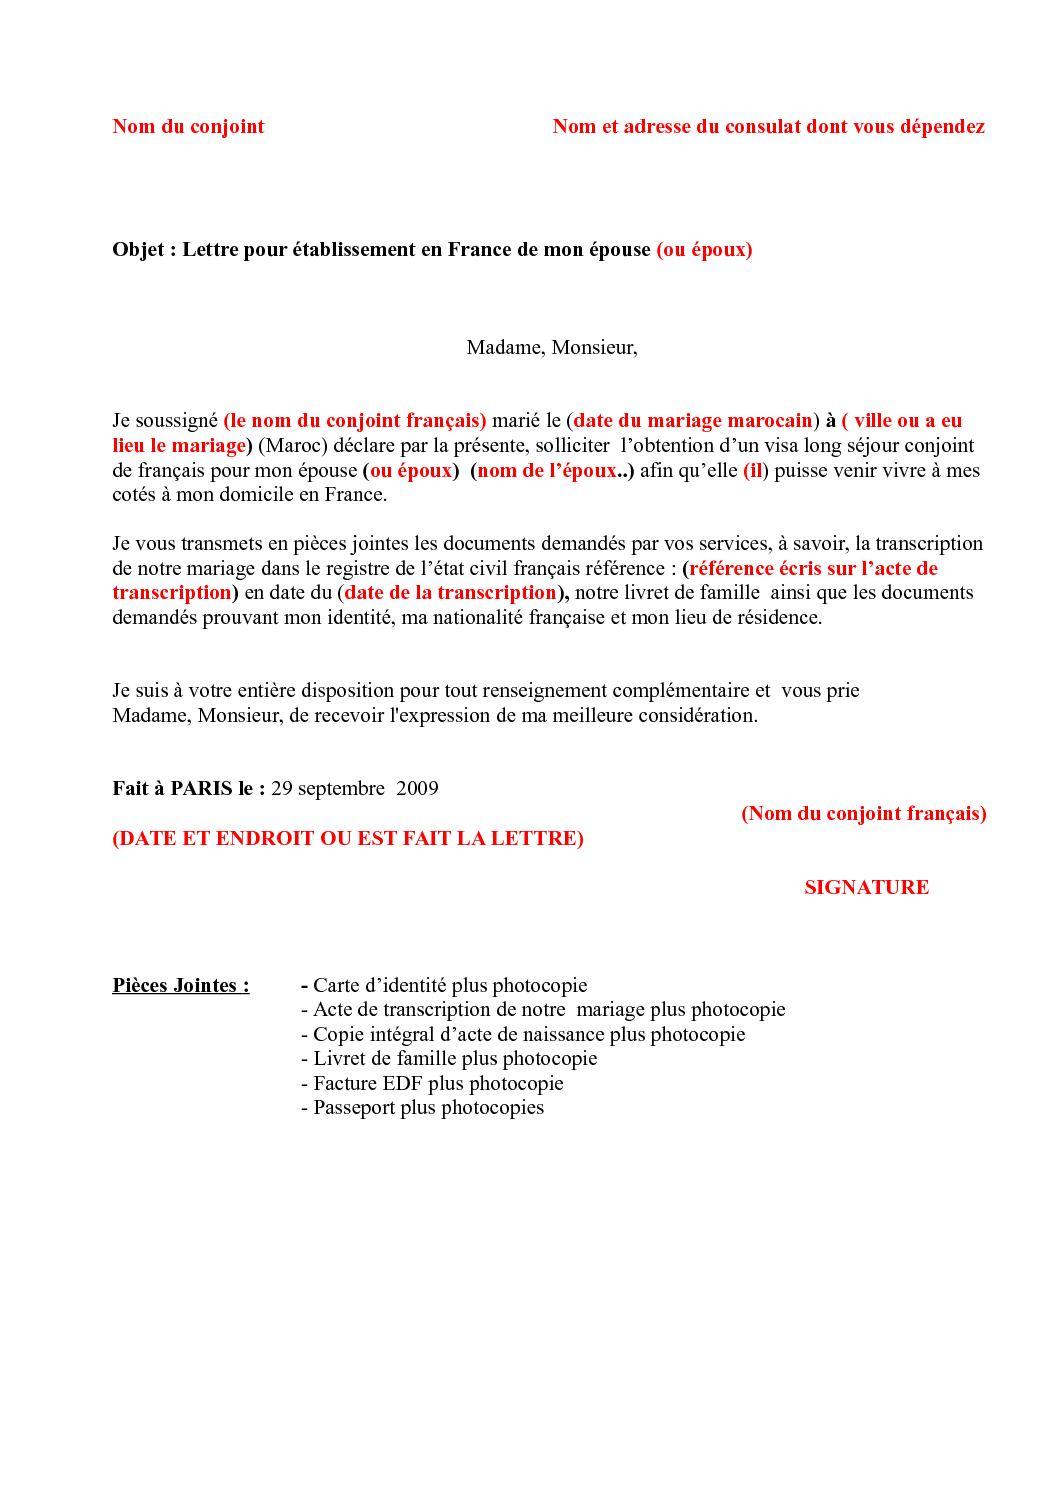 modele_de_lettre_demande_de_visa